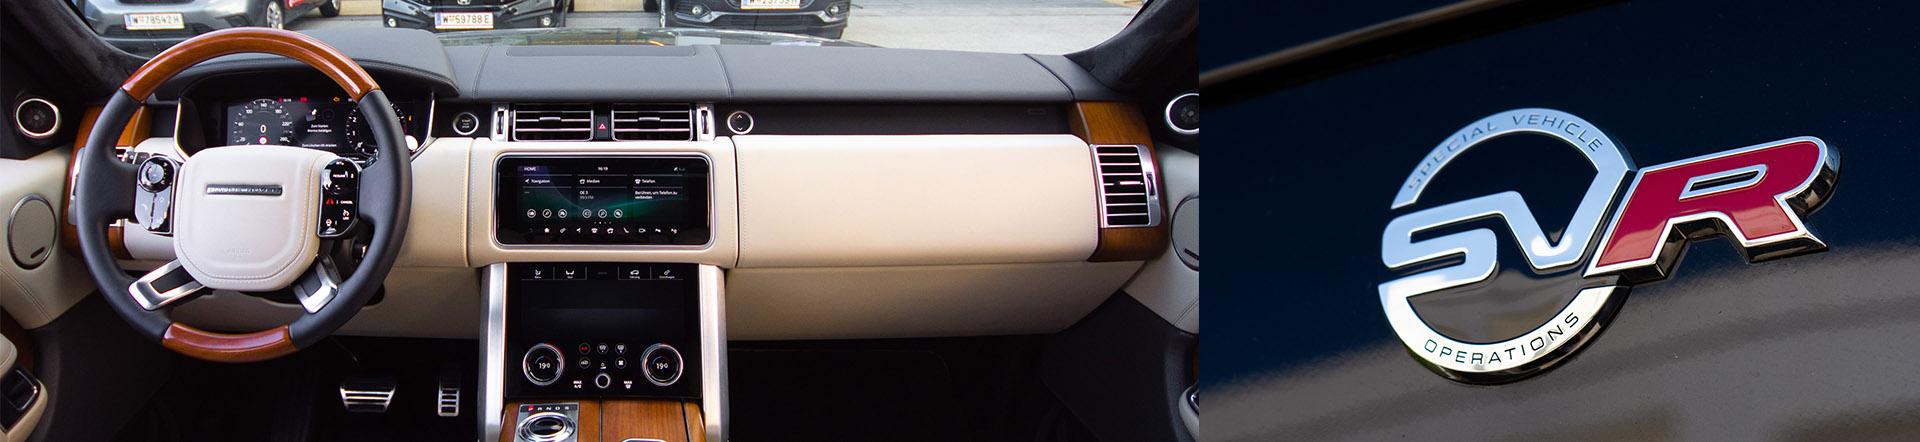 Jaguar Land Rover SVO Tour vom 28.9. bis 9.10.2021 bei Auto Stahl Wien 22 erleben!